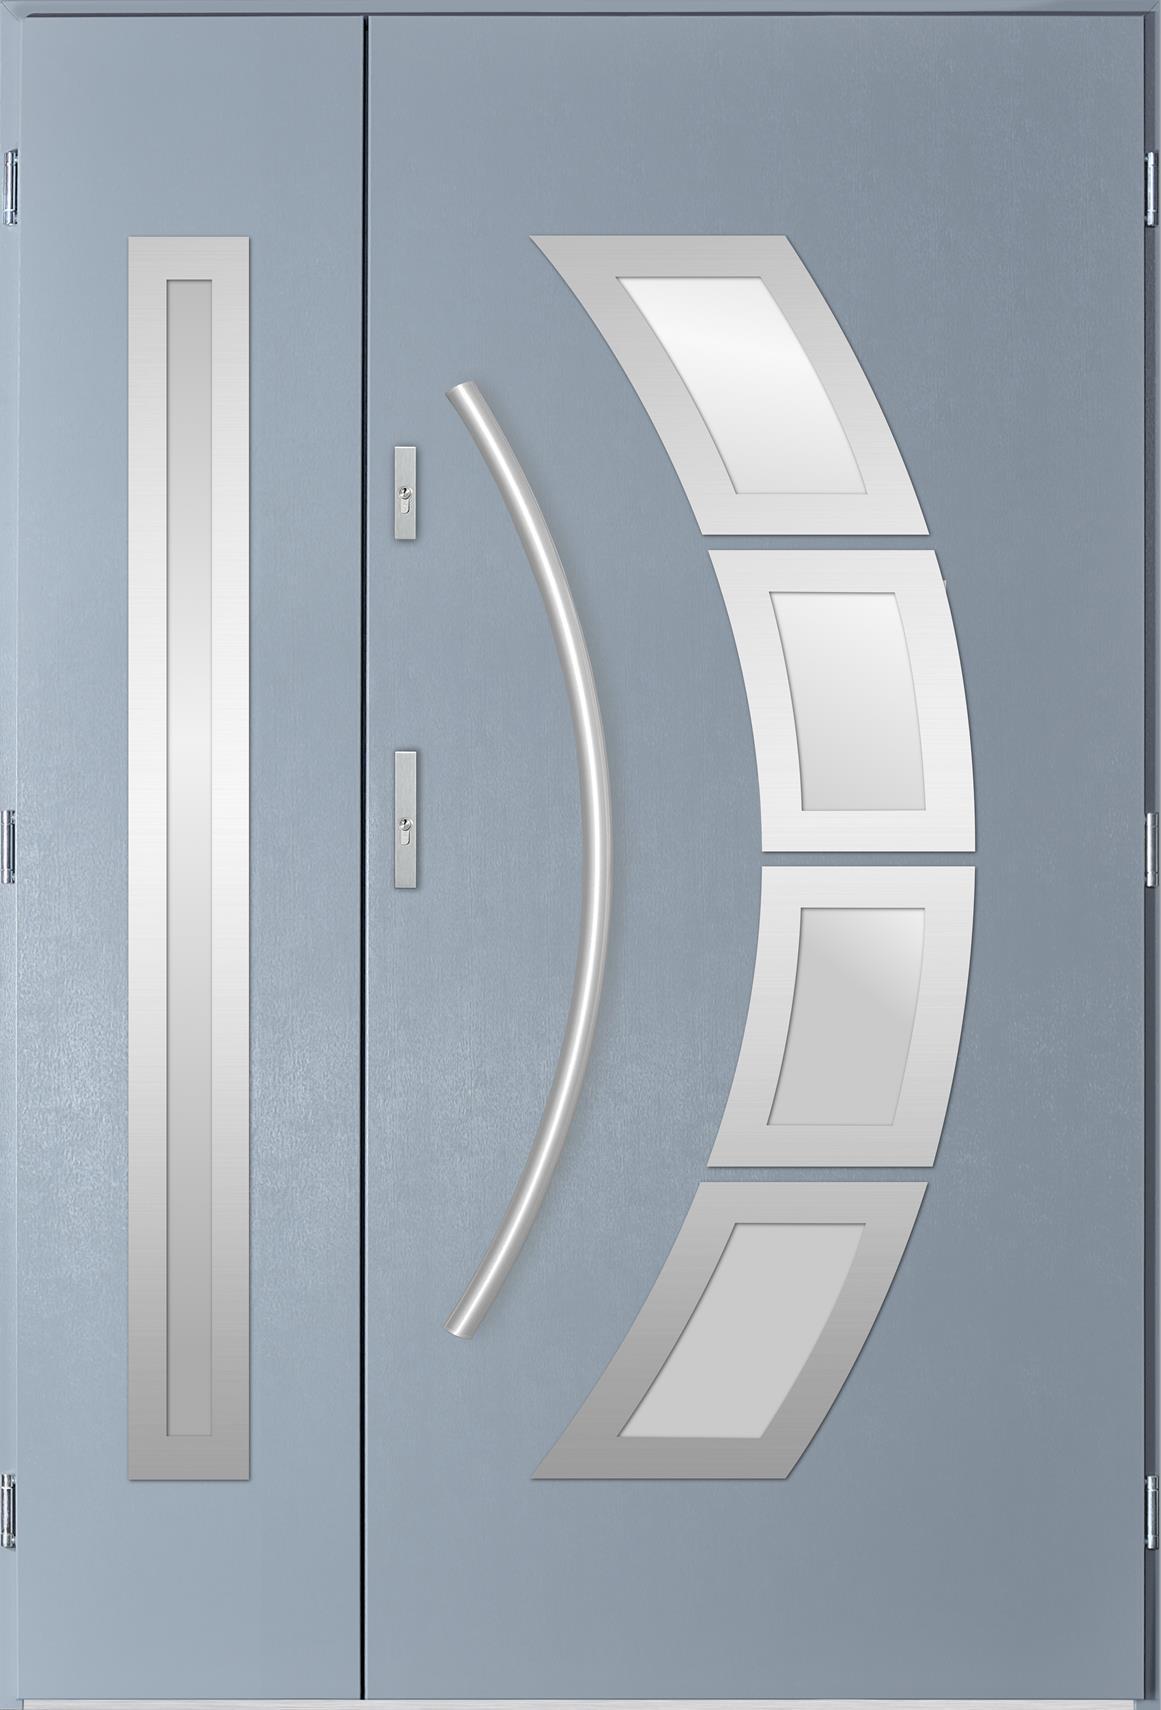 Venkovní dvoukøídlé vchodové dveøe Tanya v odstínu svìtlý antracit